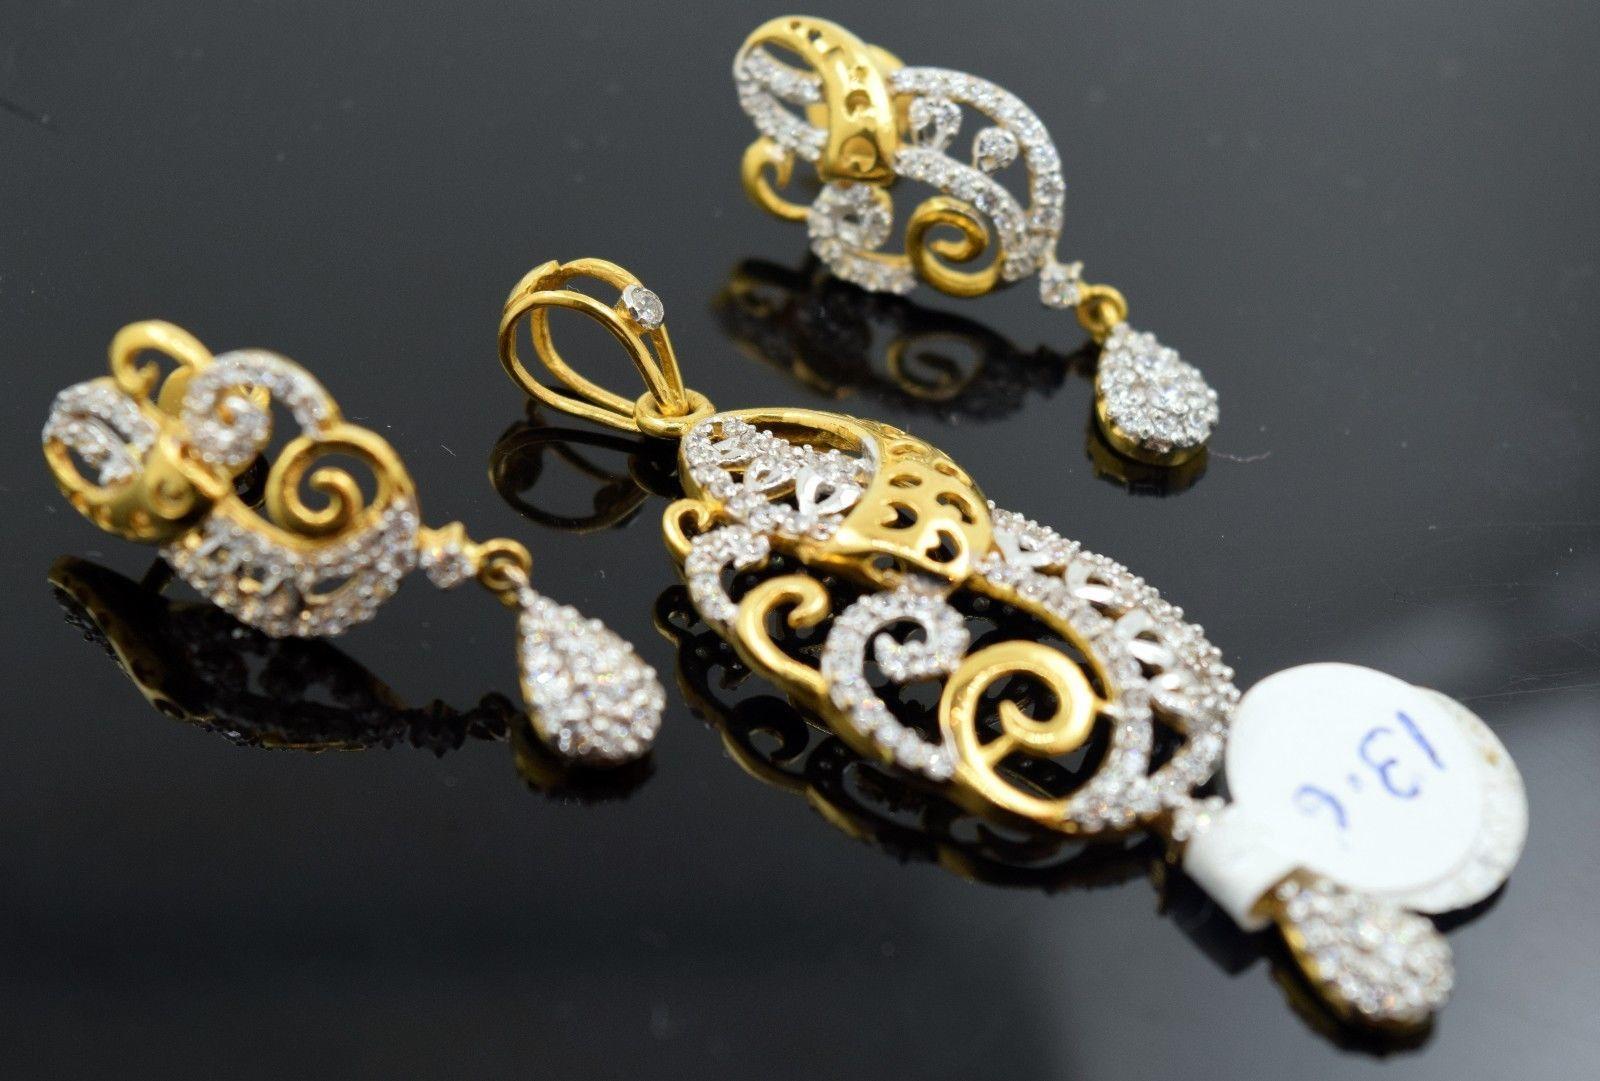 22k 22ct Solid Gold ELEGANT STONE Pendant Set EARRING S18 gift 22k